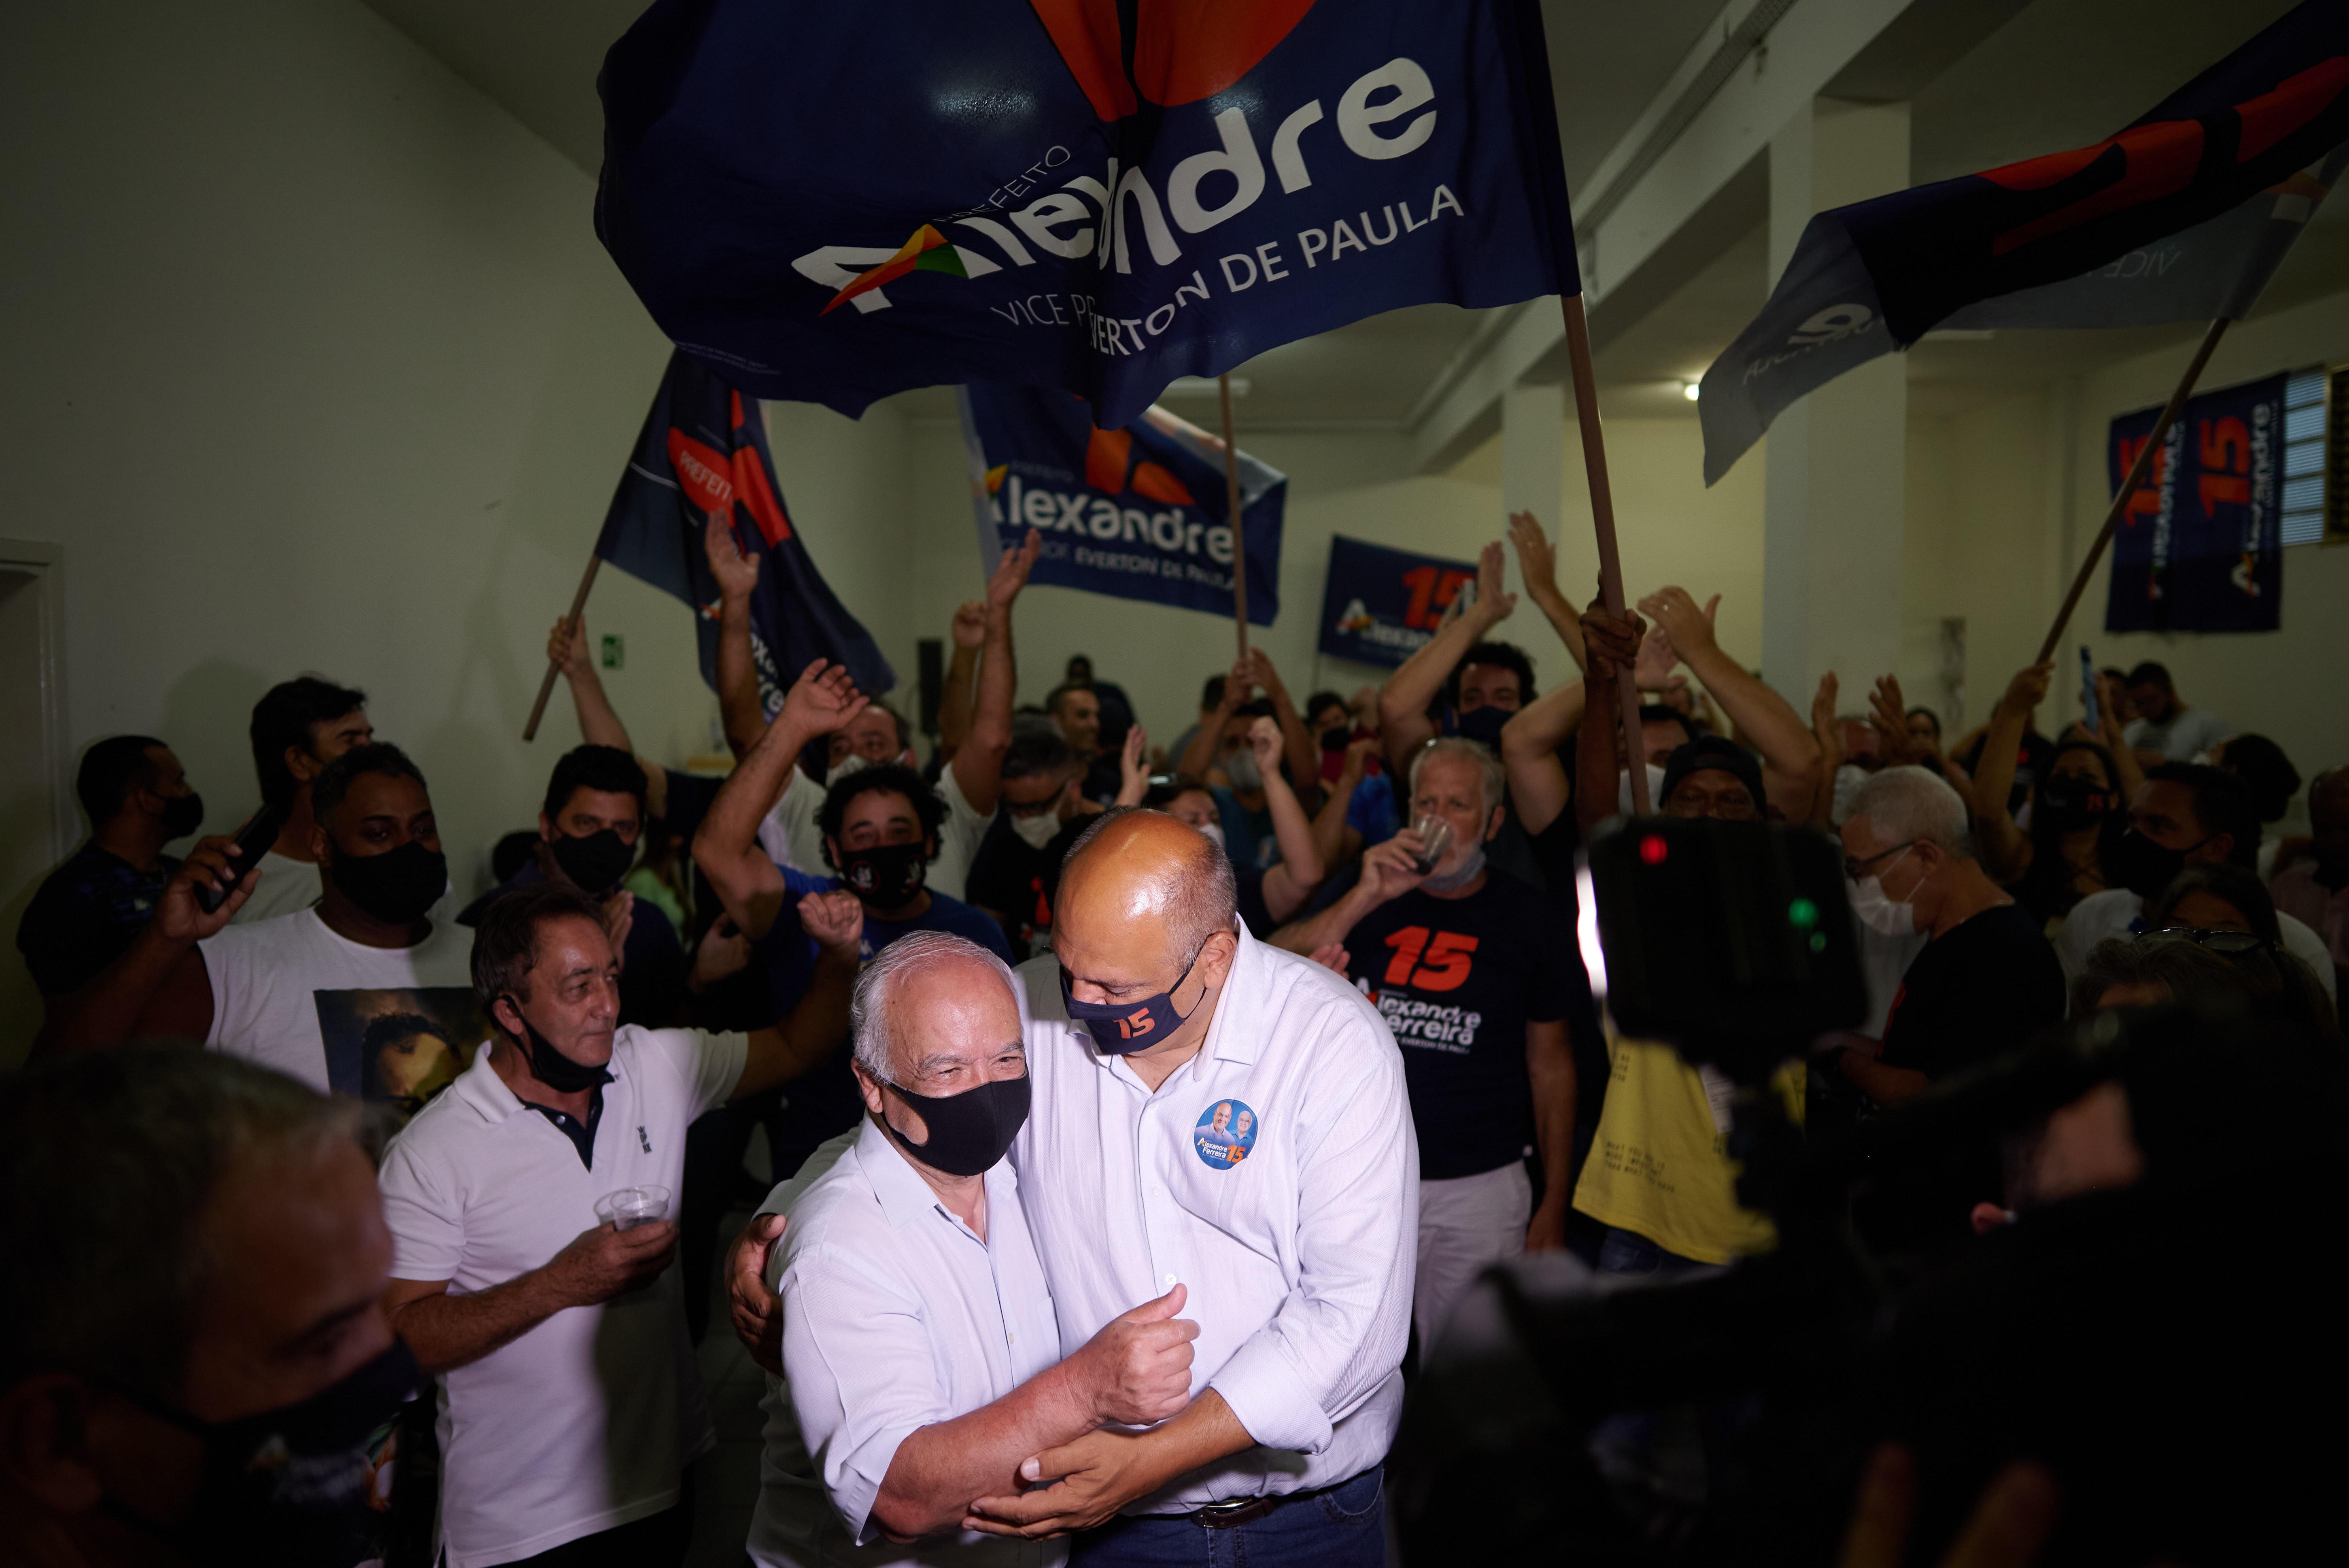 Eleito, Alexandre Ferreira teve votação mais expressiva nas 2 zonas eleitorais de Franca, SP